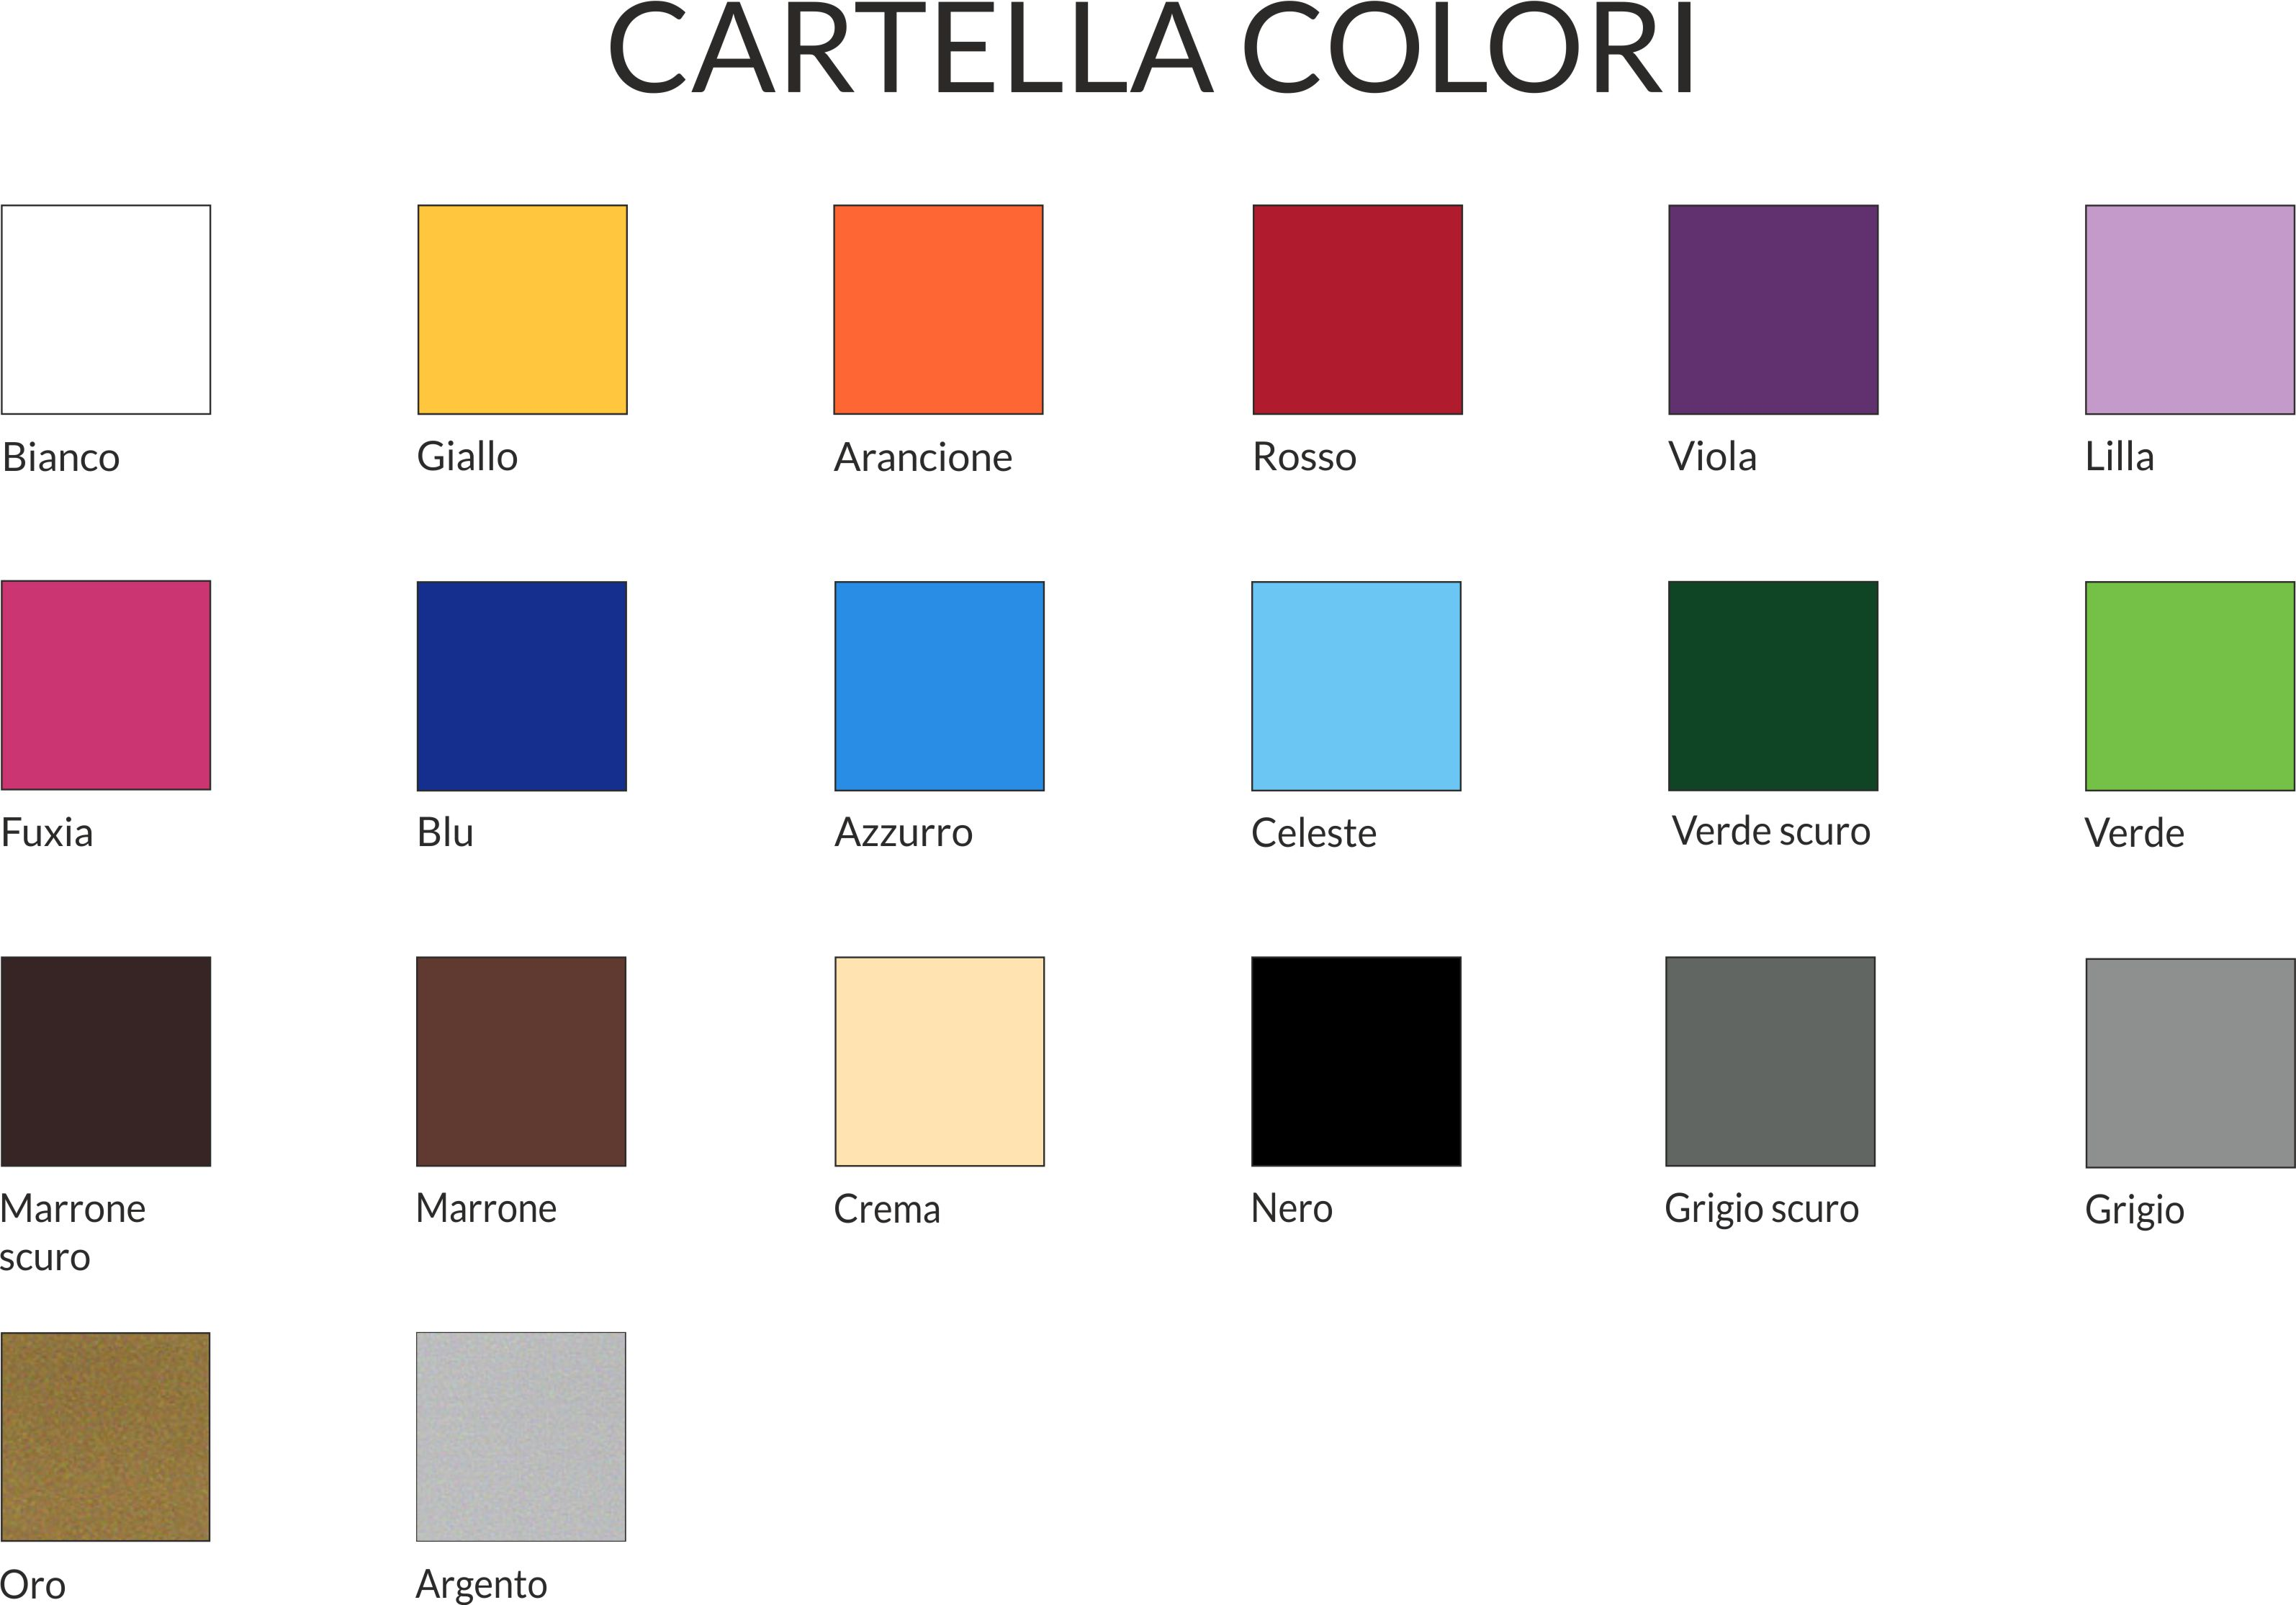 Cartella colori interni decori adesivi murali wall for Cartella colori pittura pareti